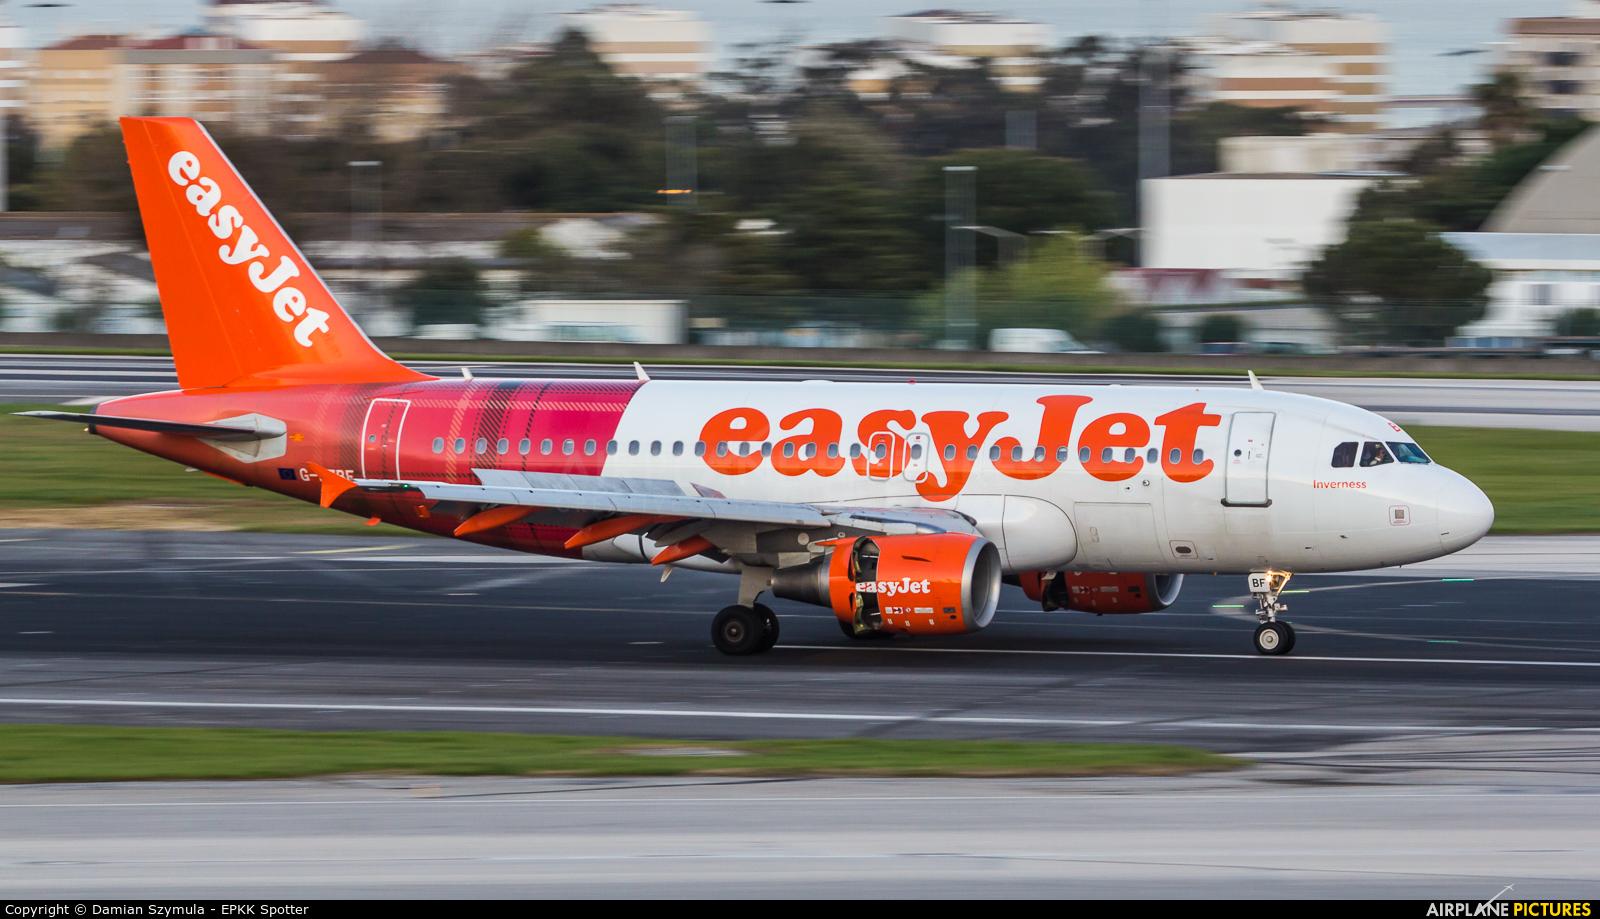 easyJet G-EZBF aircraft at Lisbon